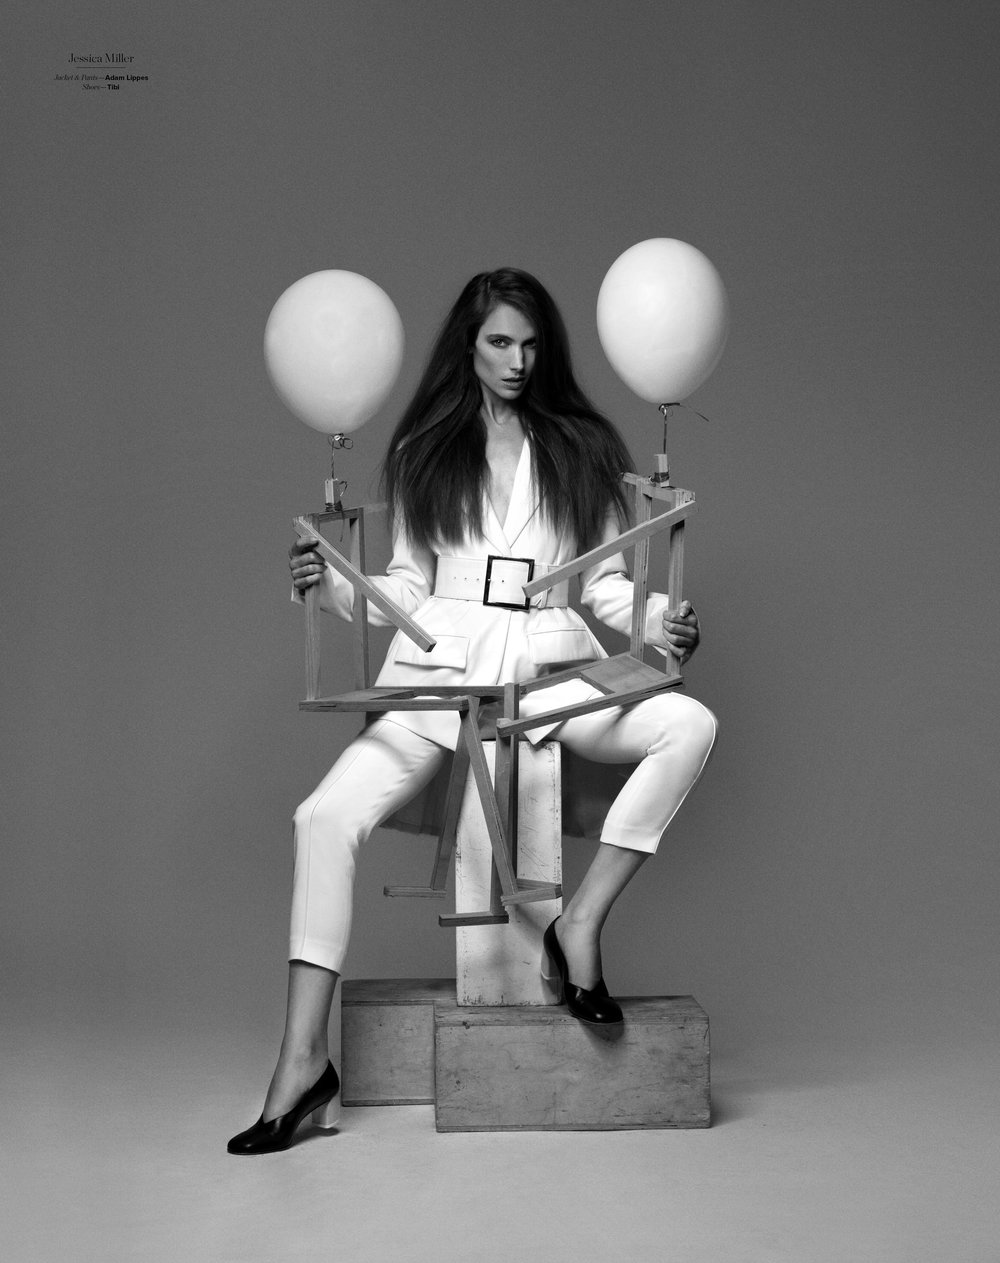 Jessica-Miller-8.jpg